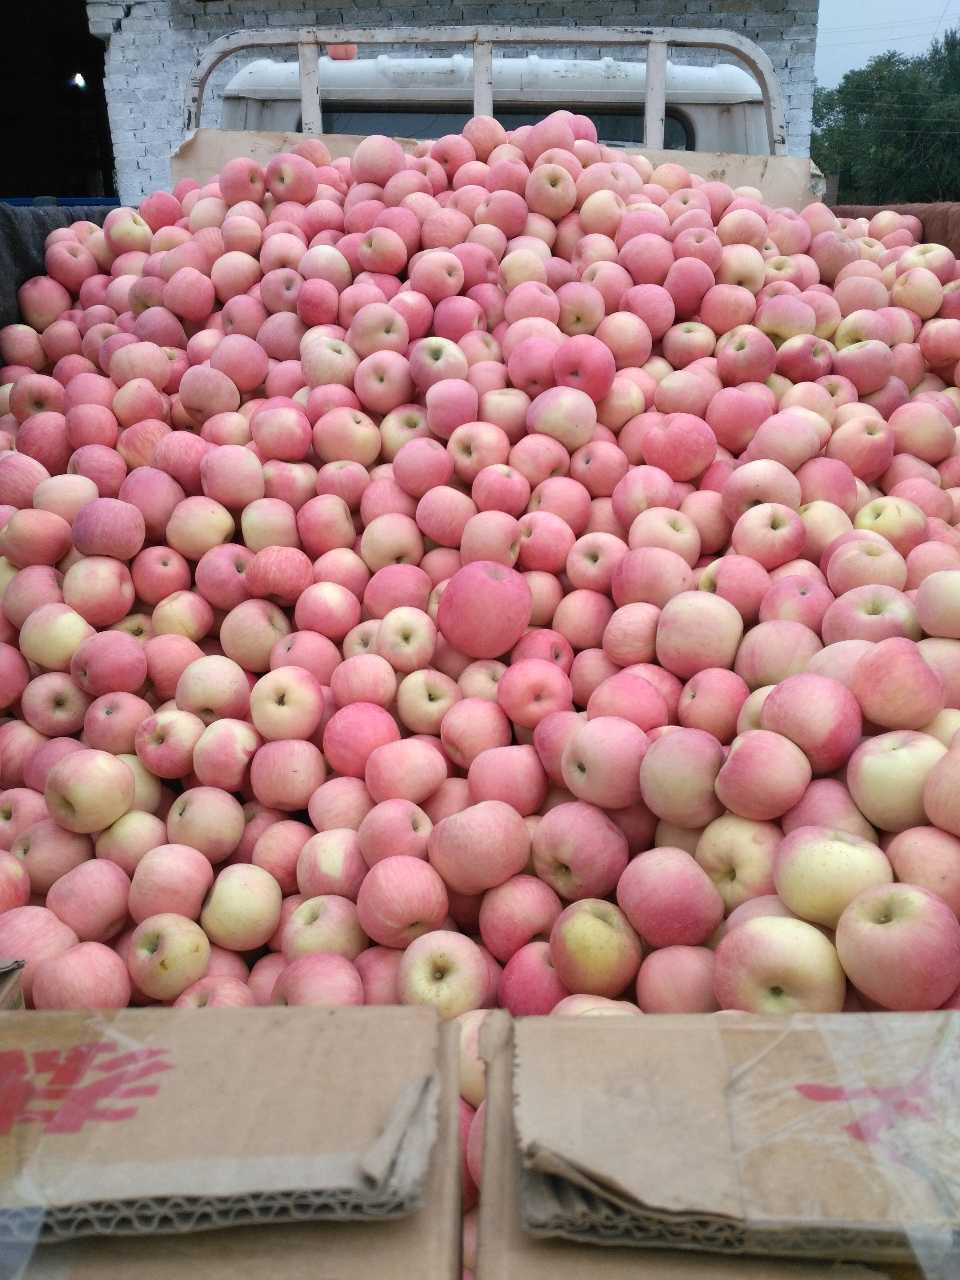 来自马正林发布的供应信息:陕西扶风苹果以脆.甜.色泽红亮而出名,以... - 陕西苹果韶关专卖